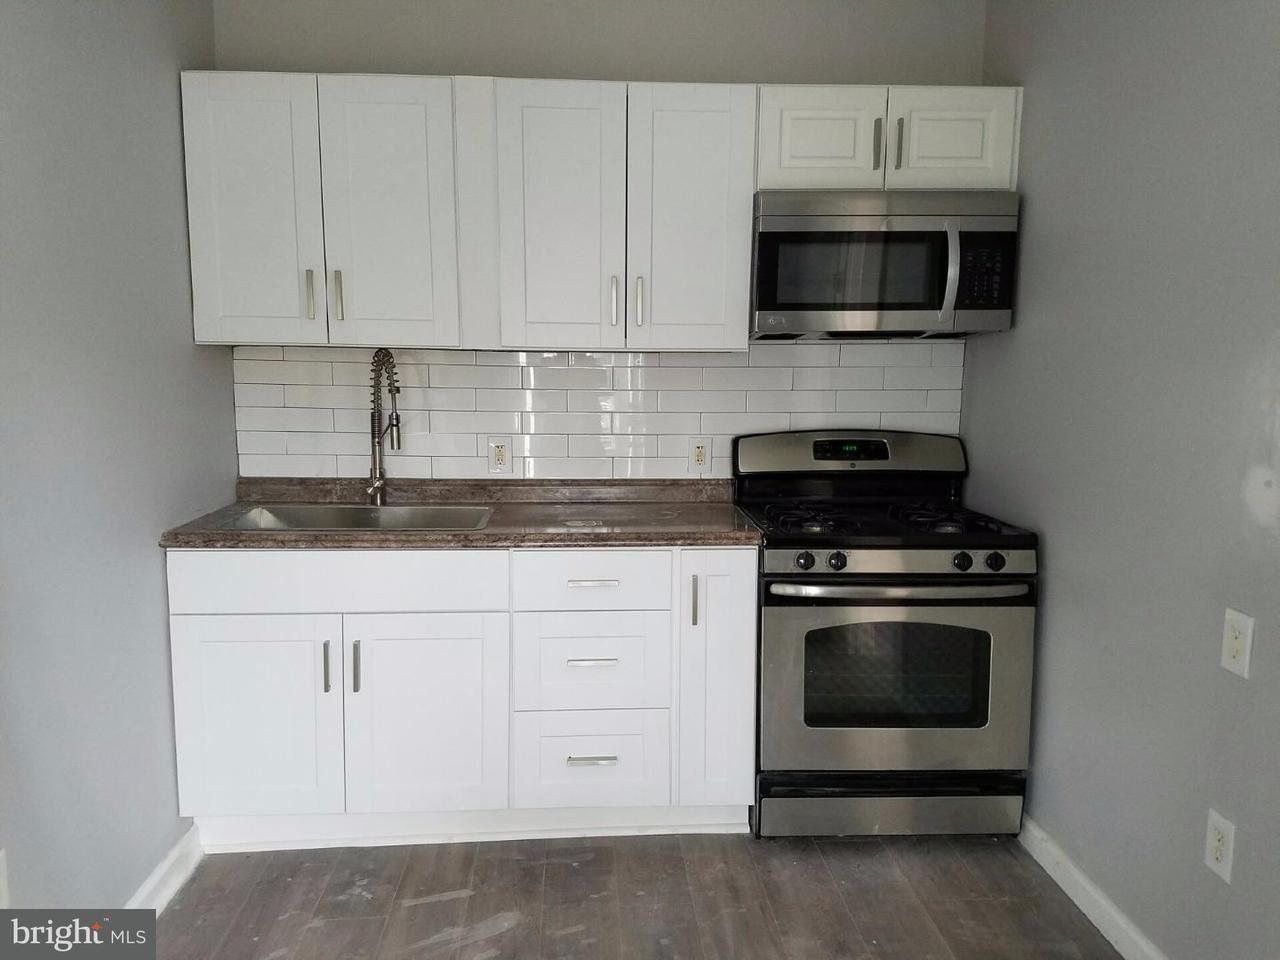 Casa Unifamiliar por un Alquiler en 186 GIBBSBORO Road Clementon, Nueva Jersey 08021 Estados Unidos